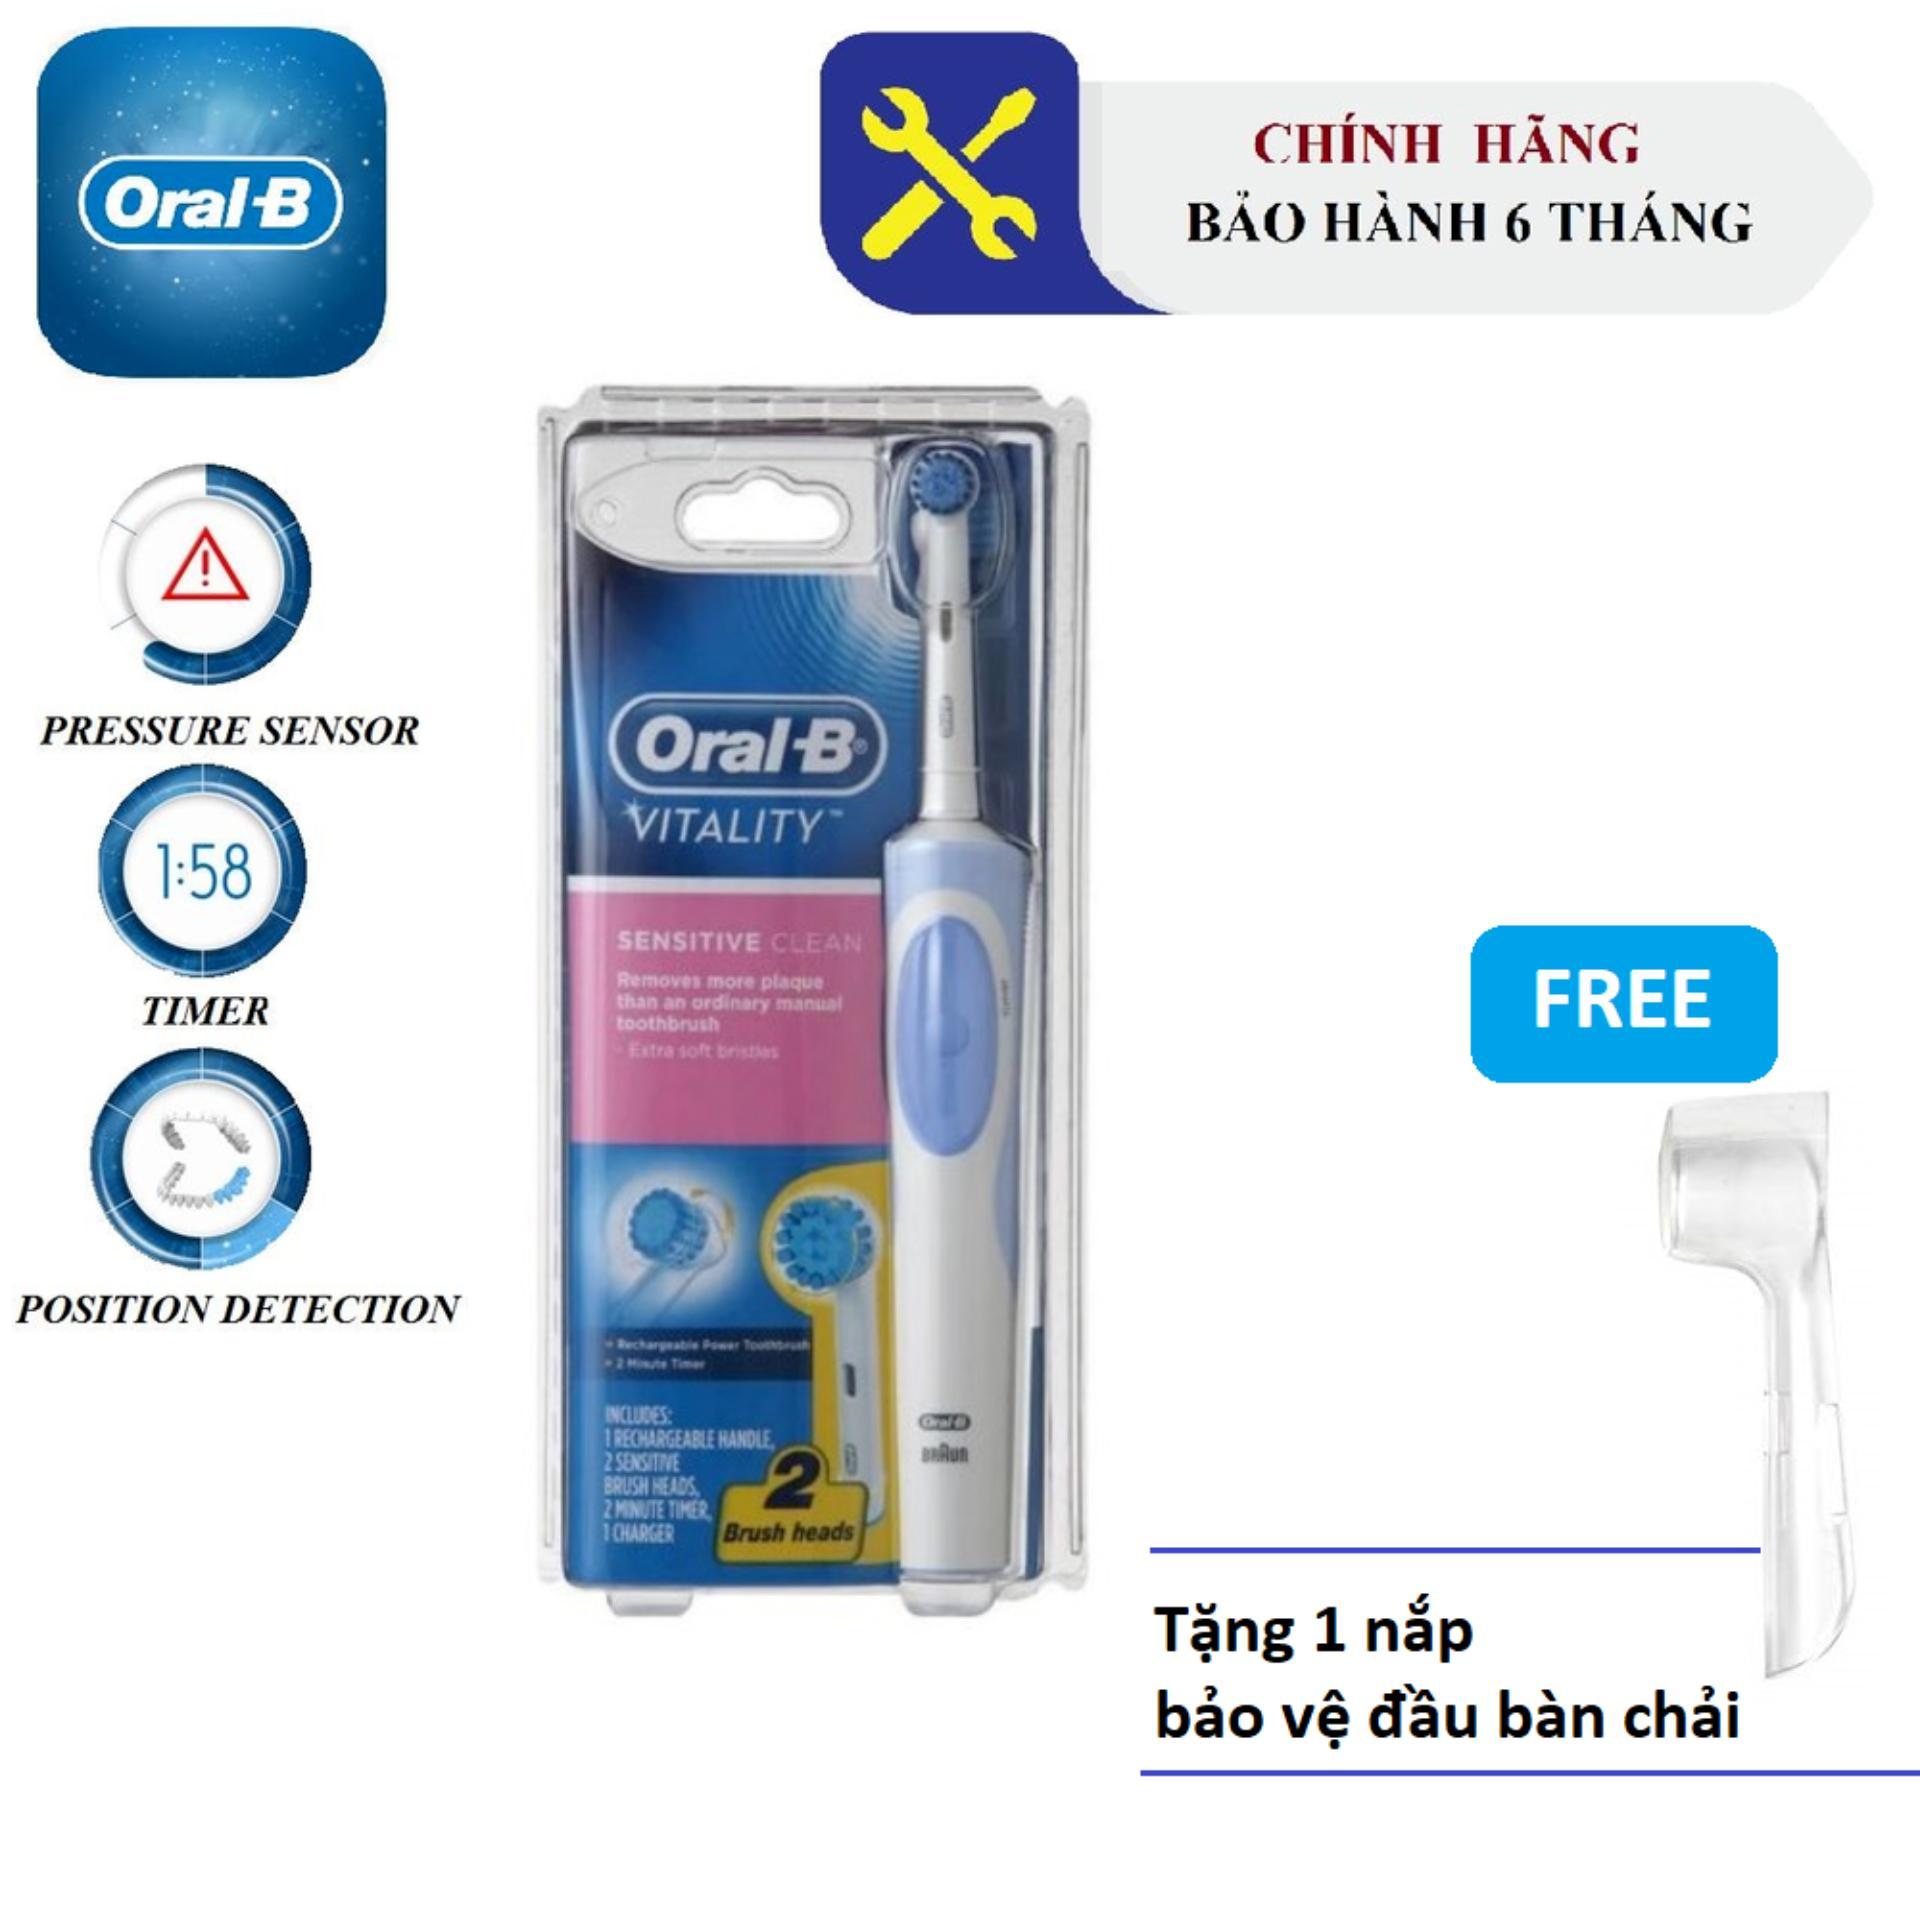 Giá Bàn chải đánh răng điện Oral-B Sensitive Clean (Bảo hành 6 tháng) +Tặng kèm 1 nắp bảo vệ đầu bàn chải